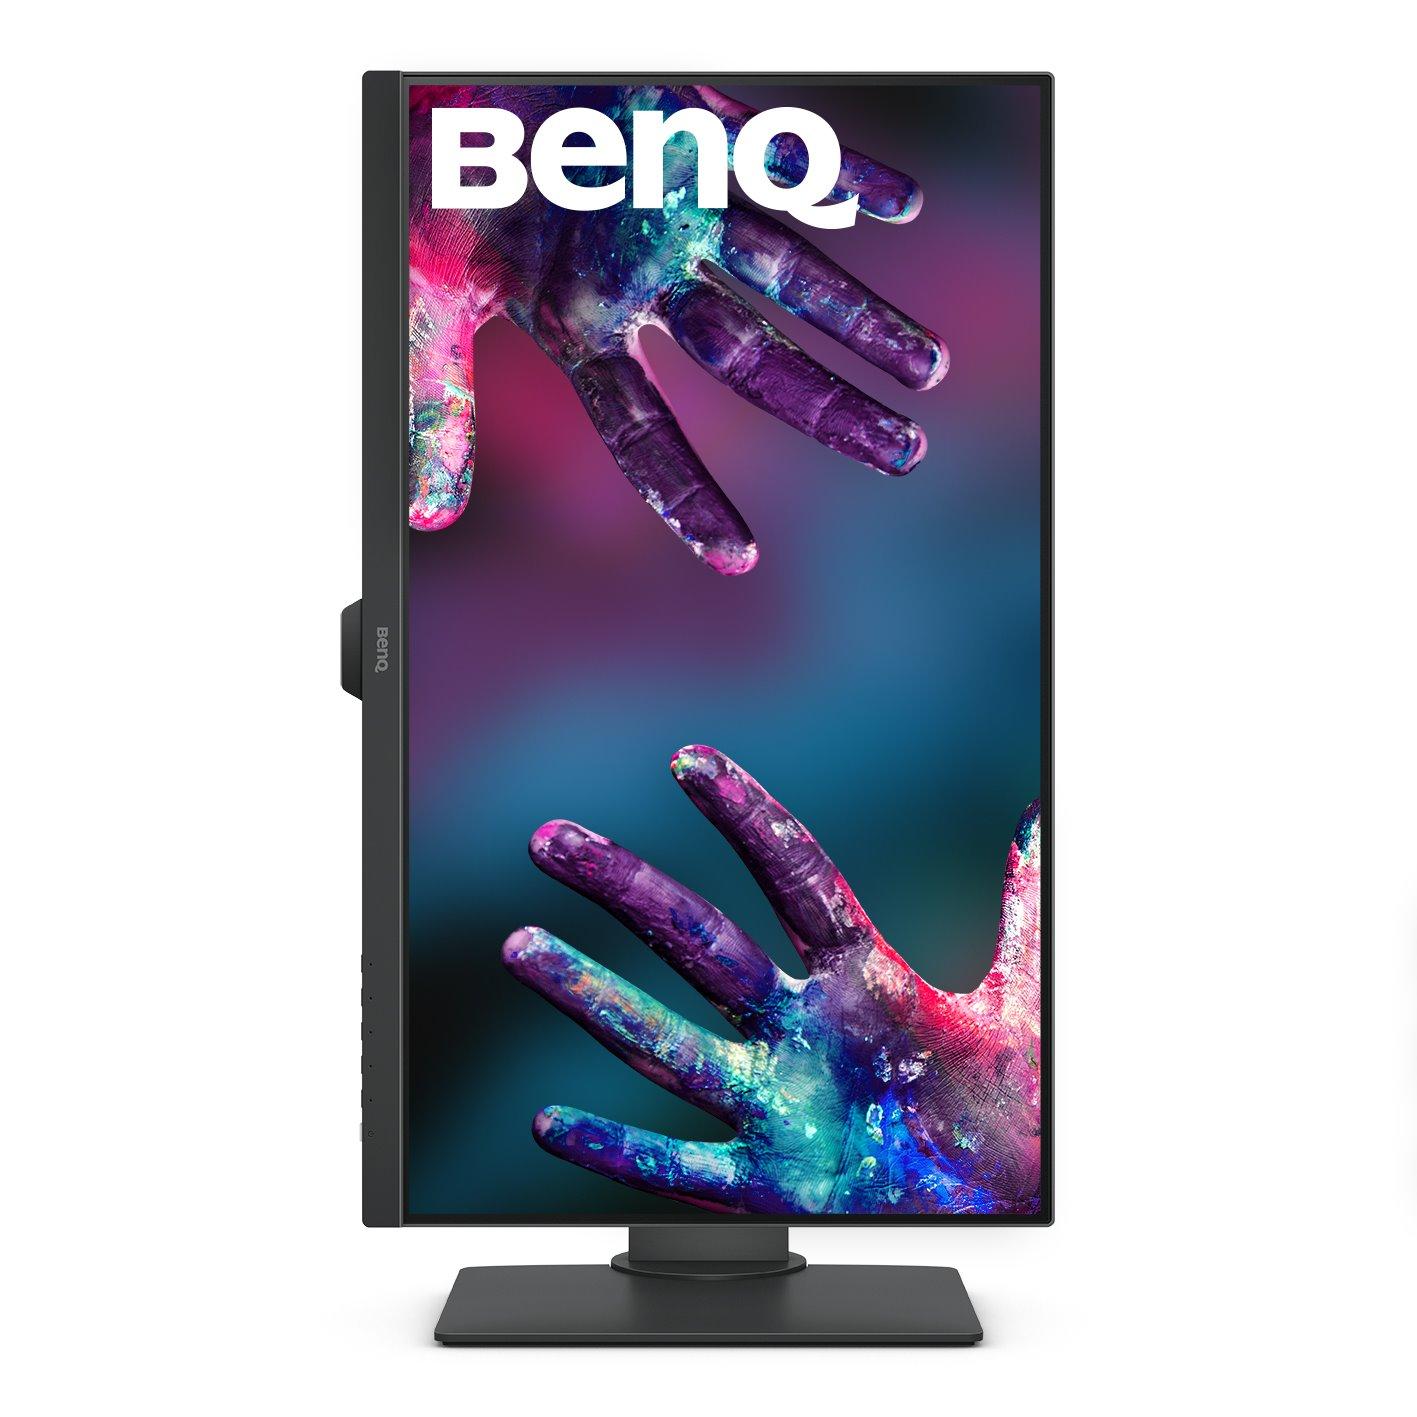 BenQ PD2705Q pion (4K)